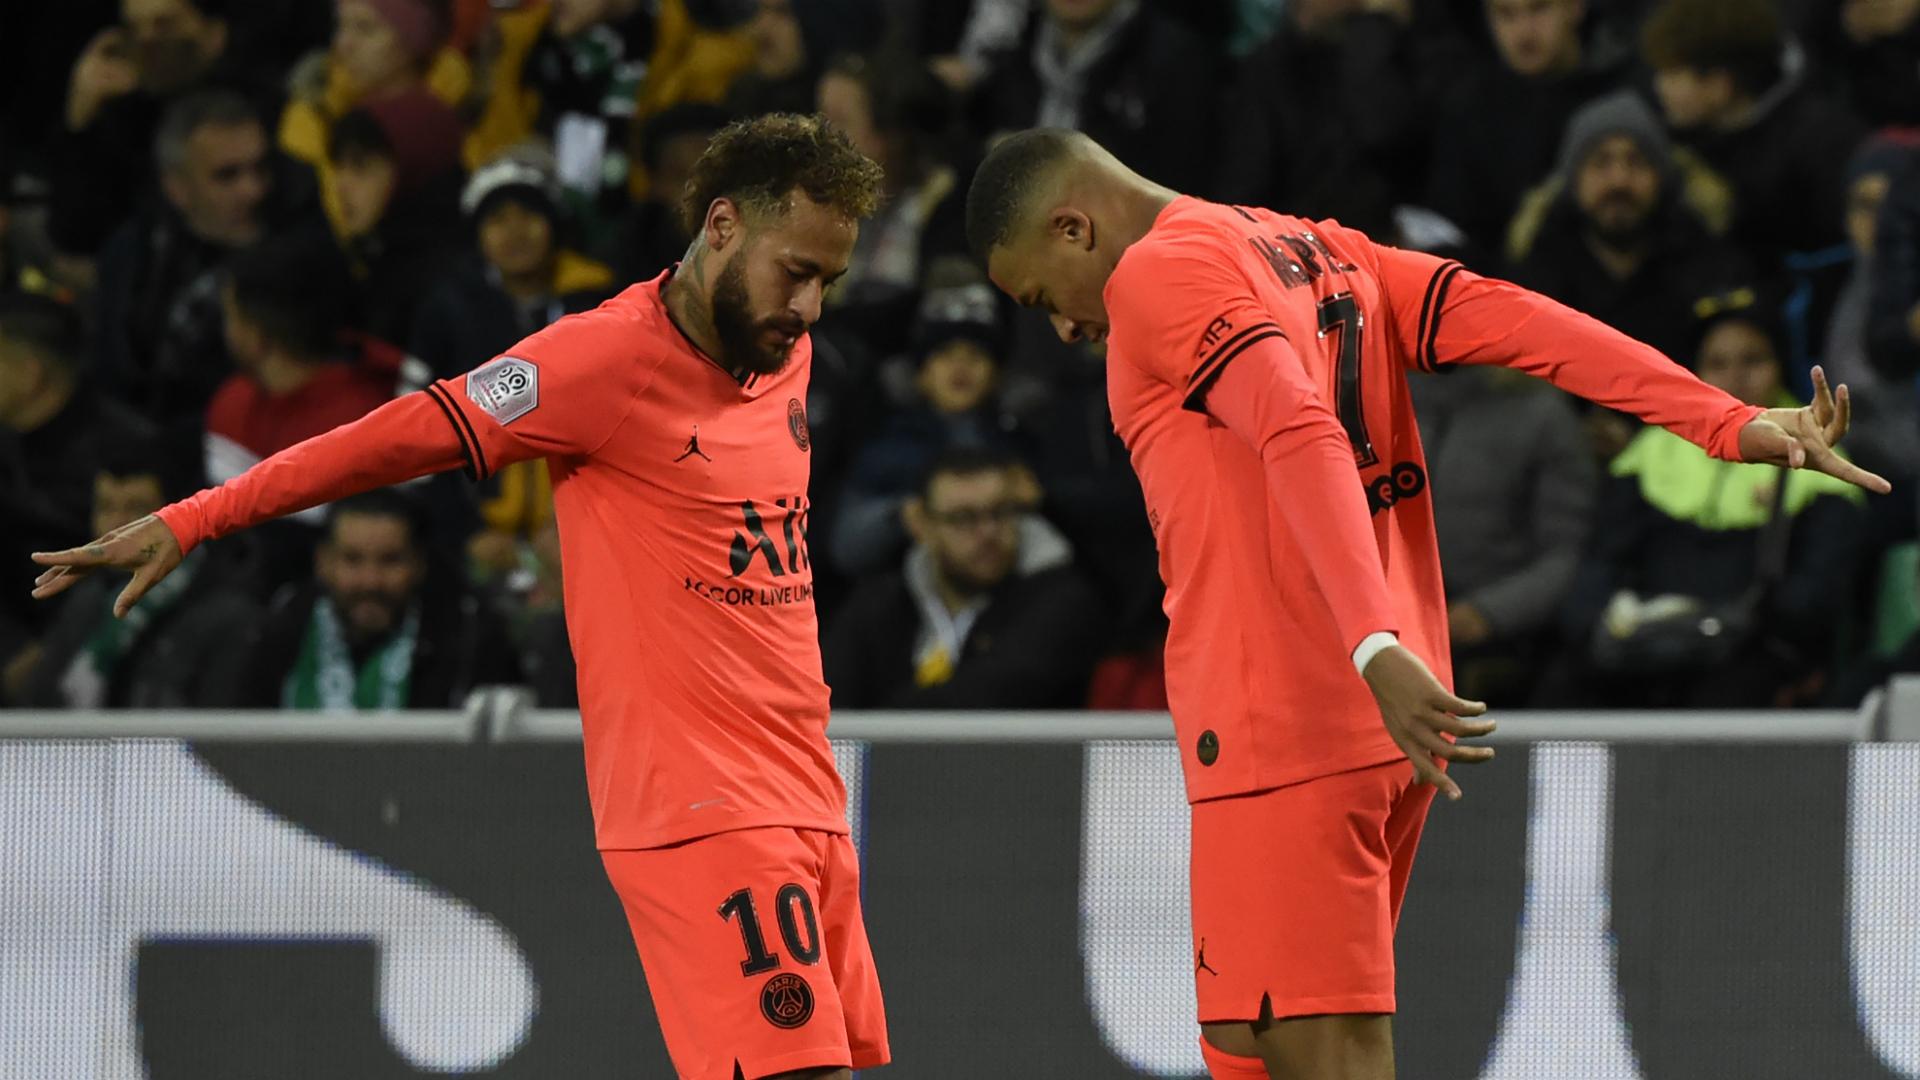 Saint-Etienne 0-4 Paris Saint-Germain: Mbappe double sends champions seven points clear